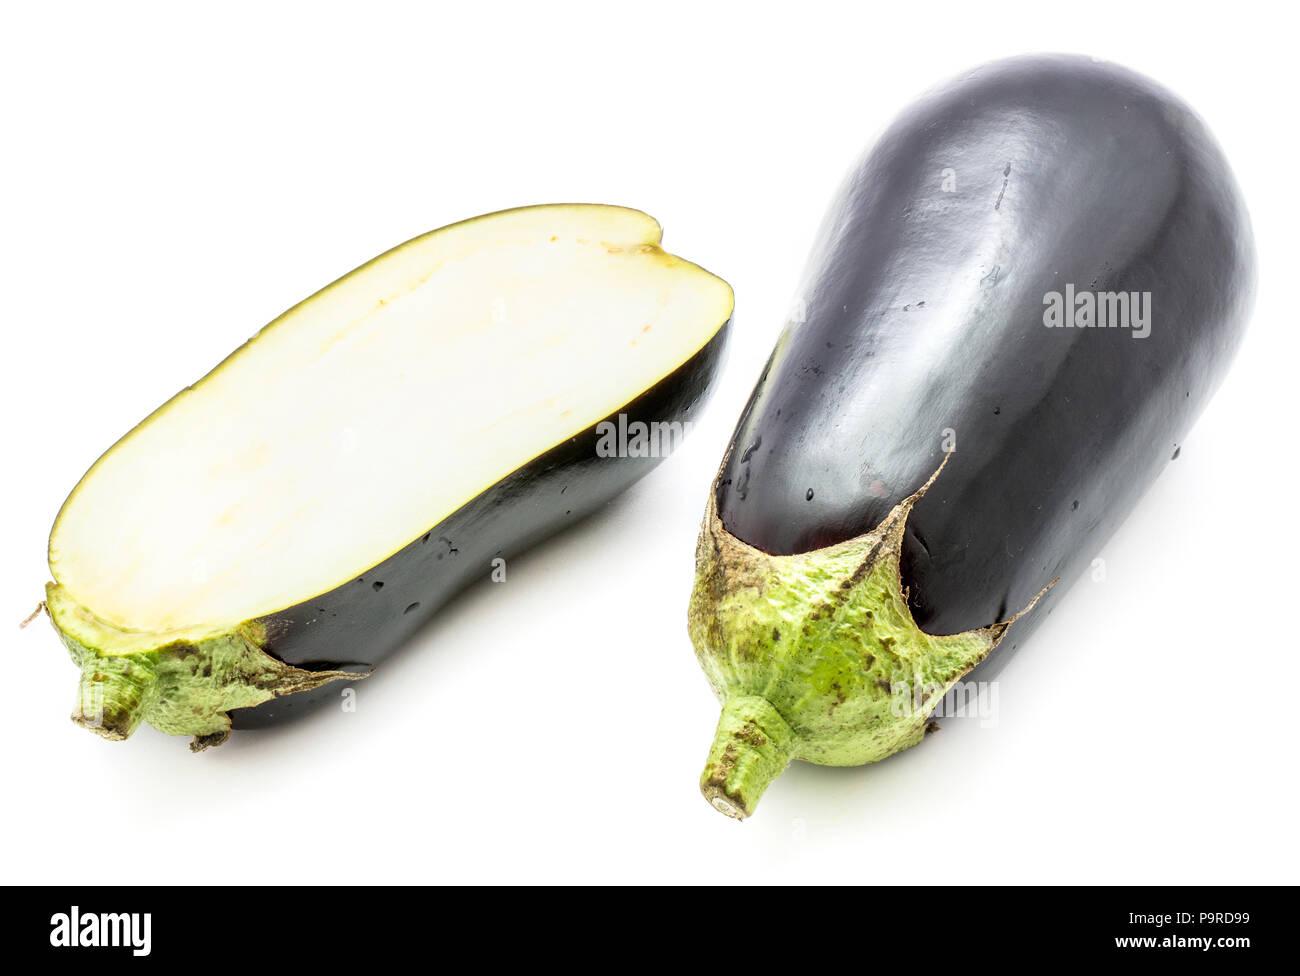 One whole and one half eggplant (aubergine), longitudinal section, isolated on white background - Stock Image